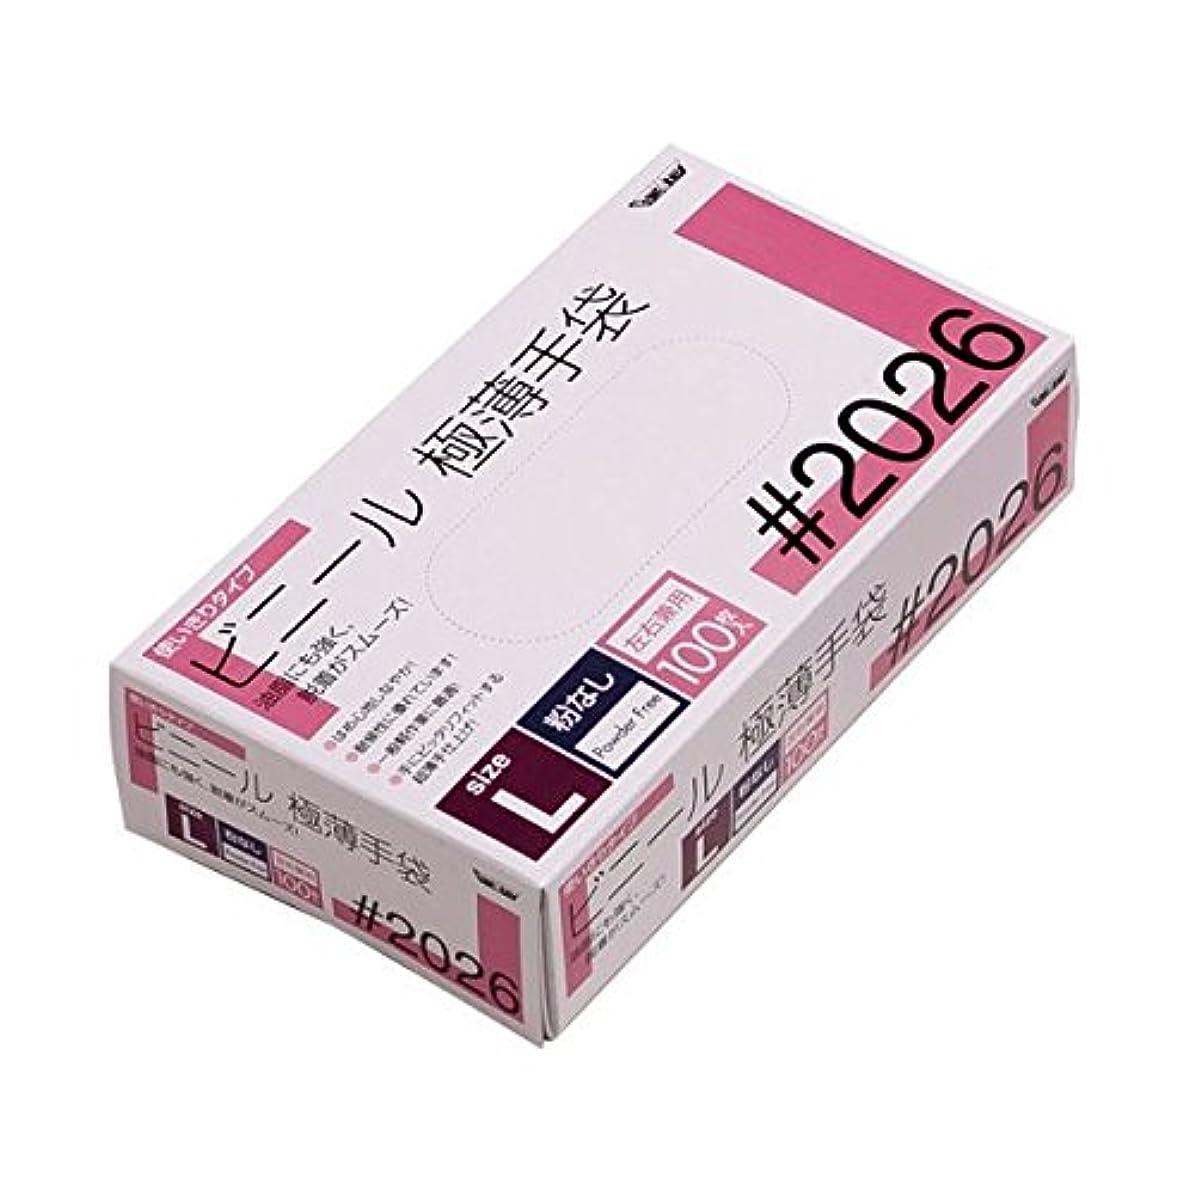 一握り不要試してみる川西工業 ビニール極薄手袋 粉なし L 20箱 ds-1915778